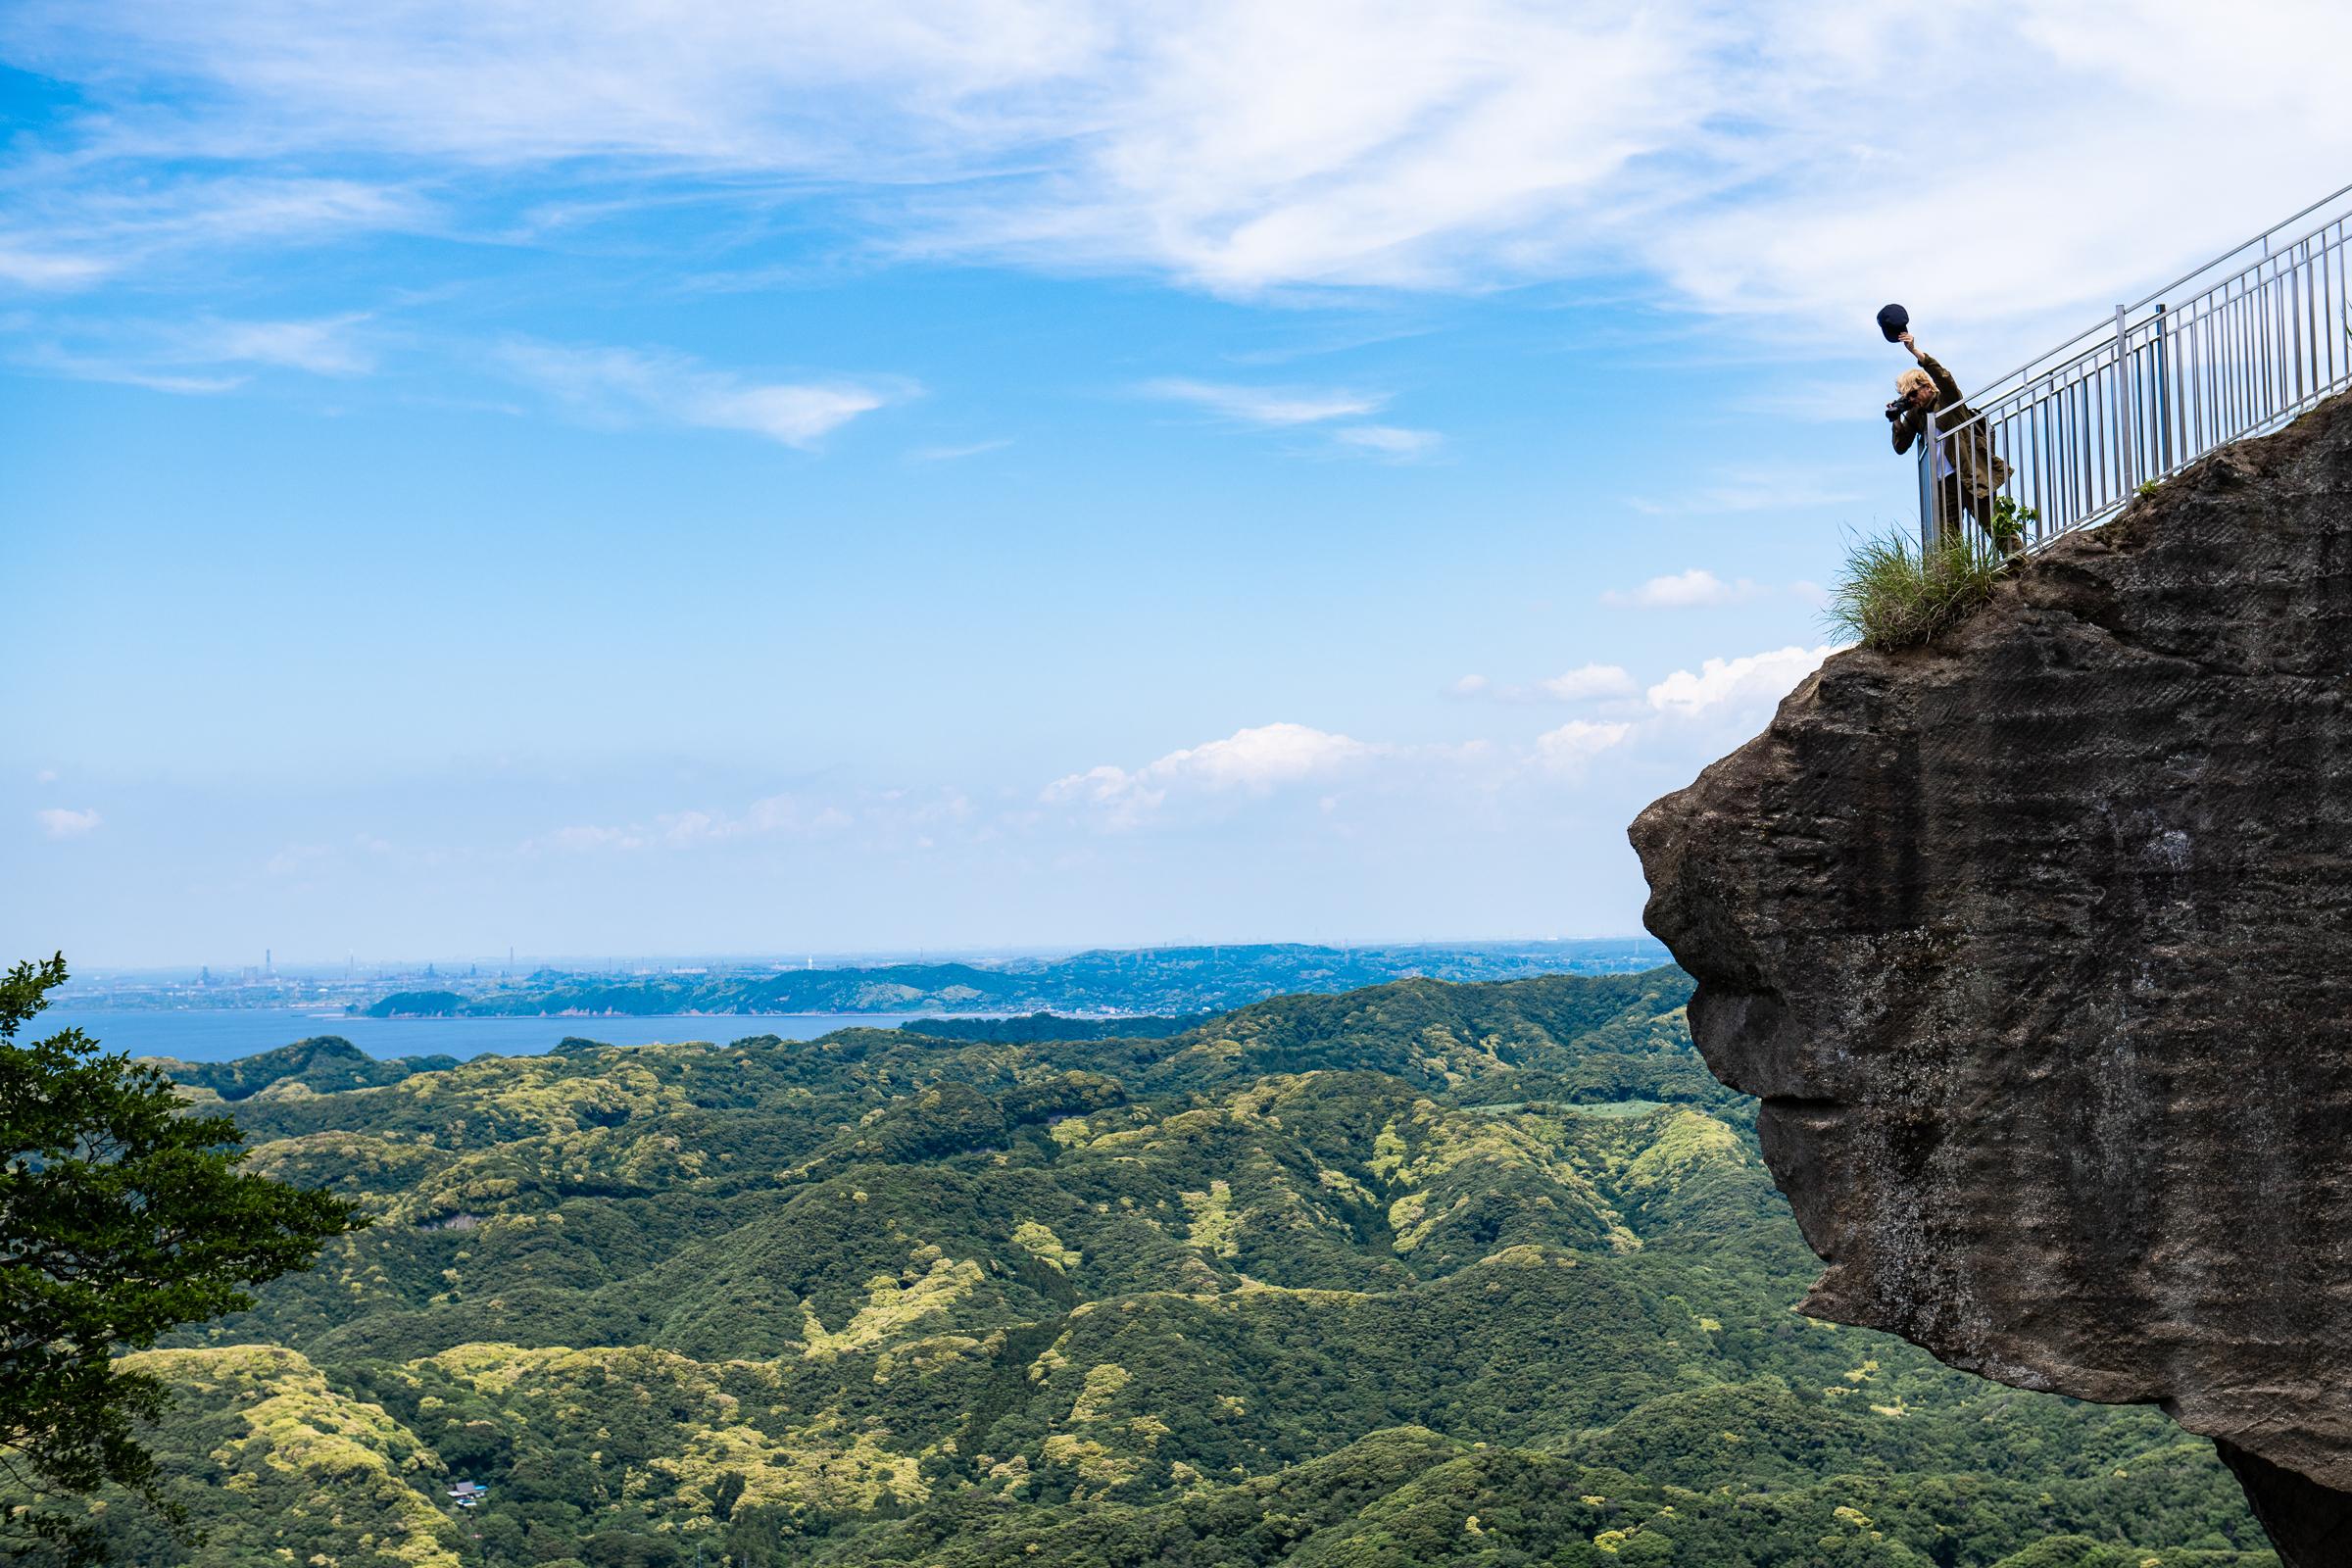 백척관음상 위에 툭 튀어나온 바위에서 아래를 내려다보는 관광객. 이것을 '지옥엿보기'라고 부른다.